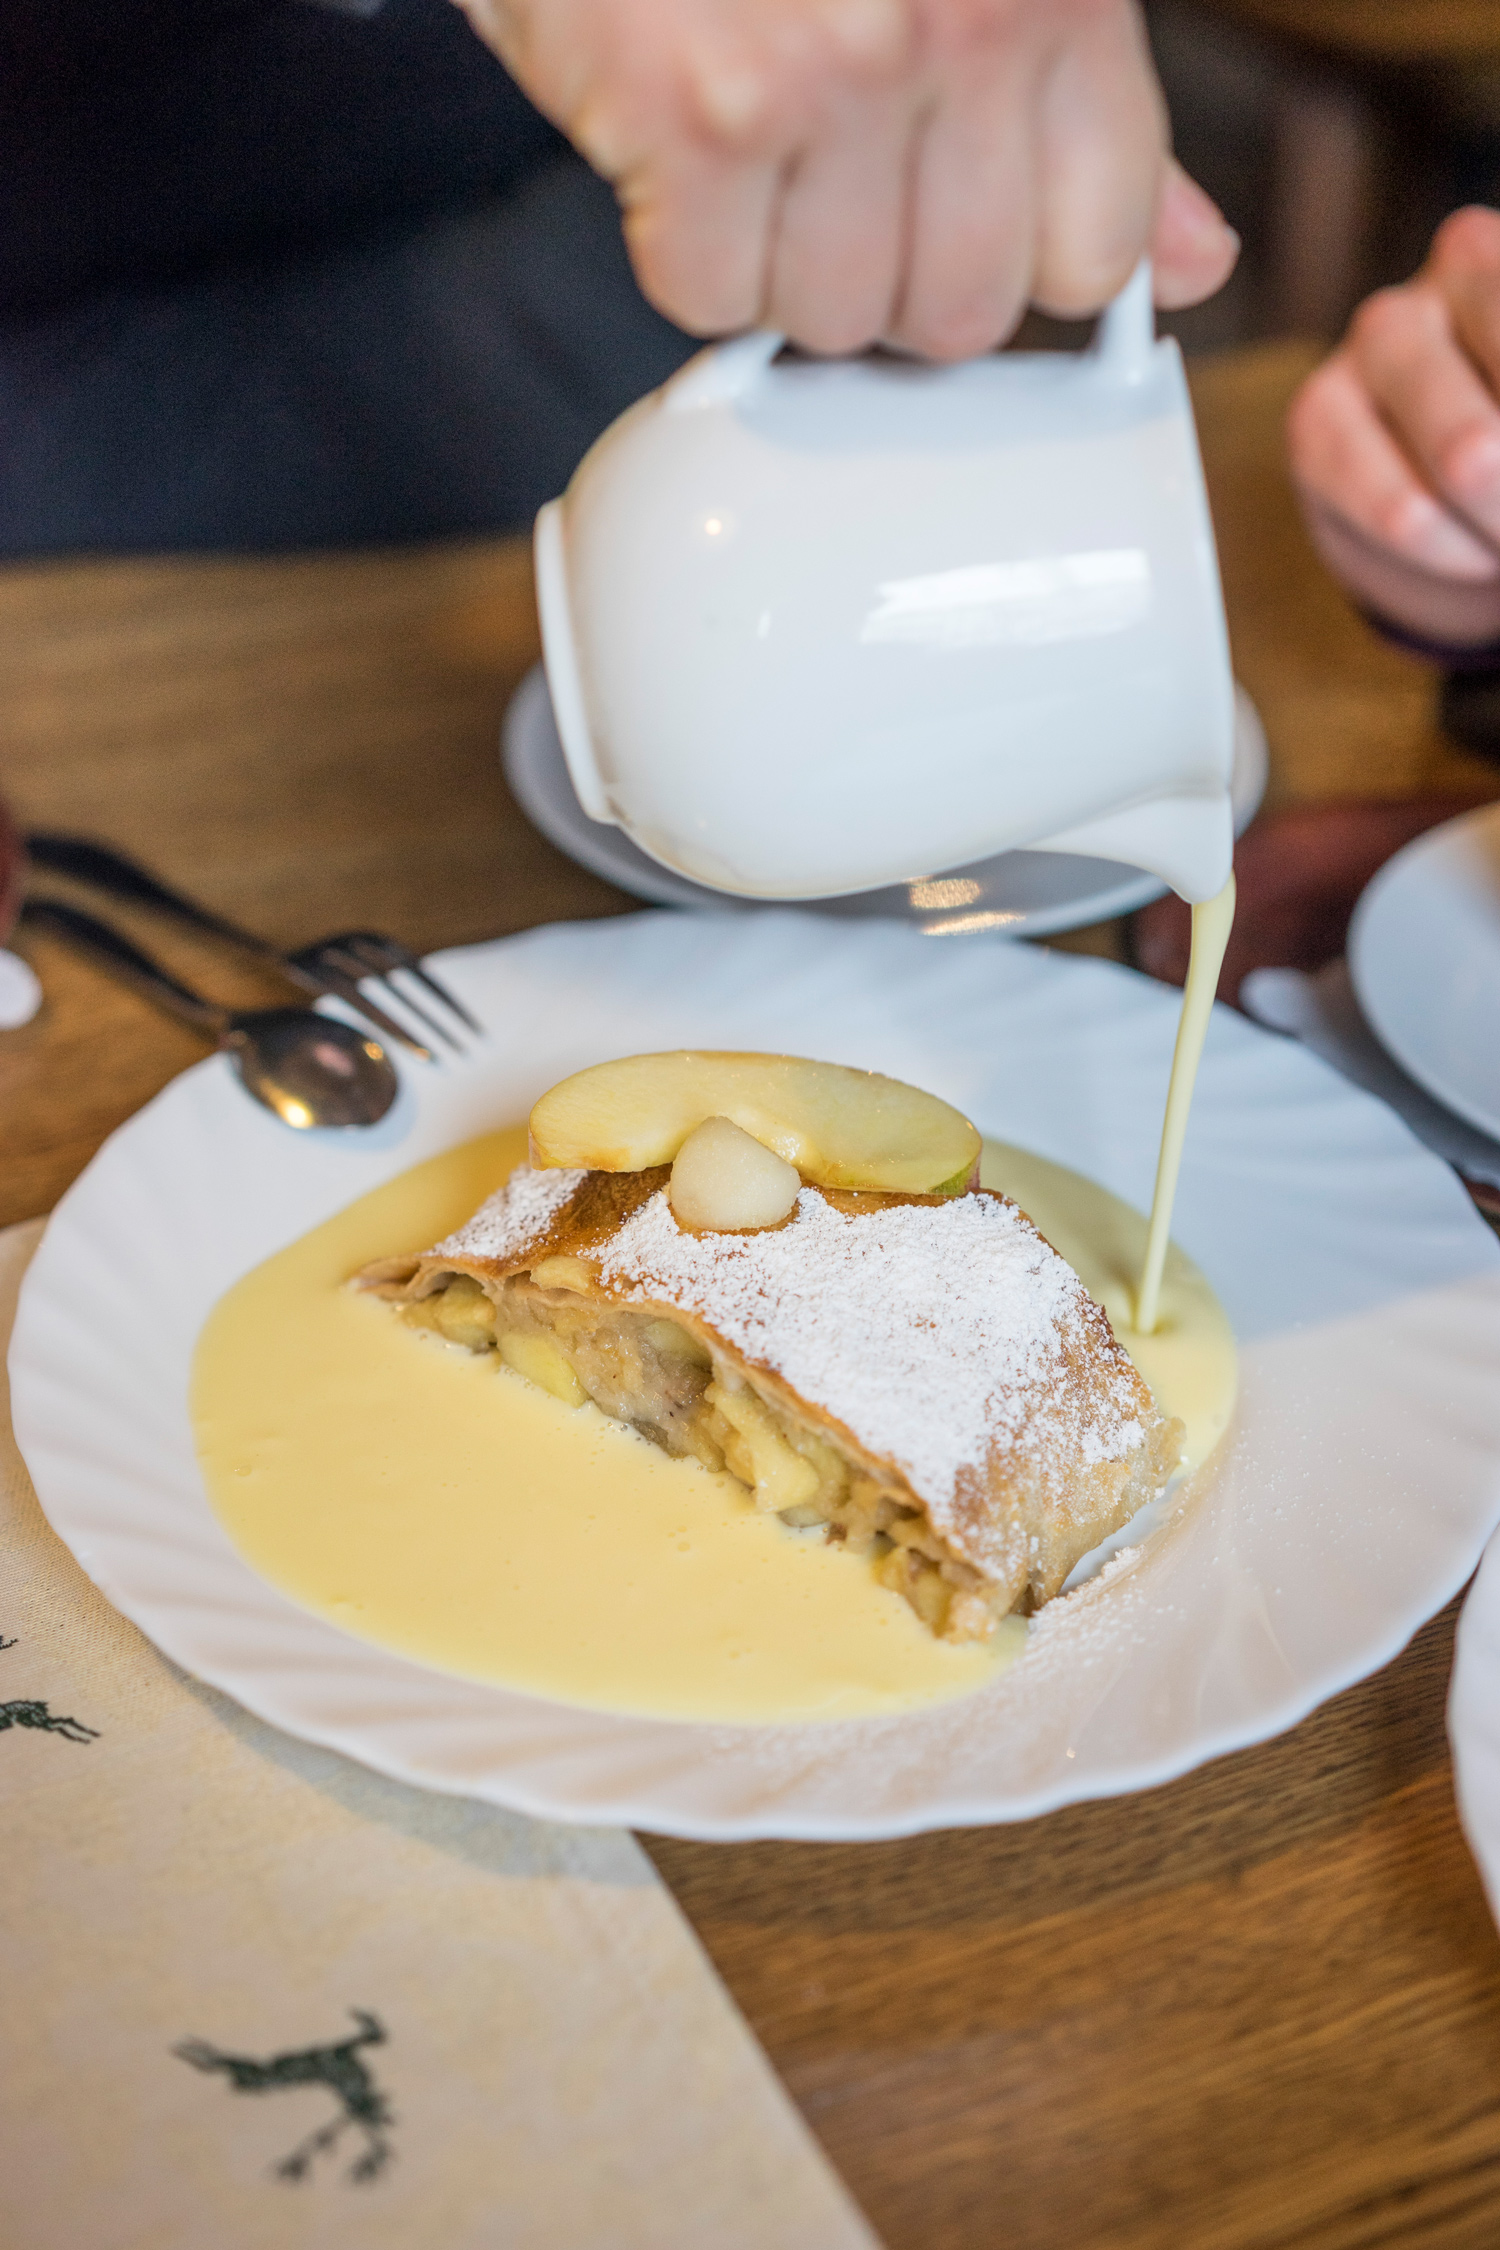 Apfelstrudel mit Vanillesoße © Tirol Werbung, Peter Neusser